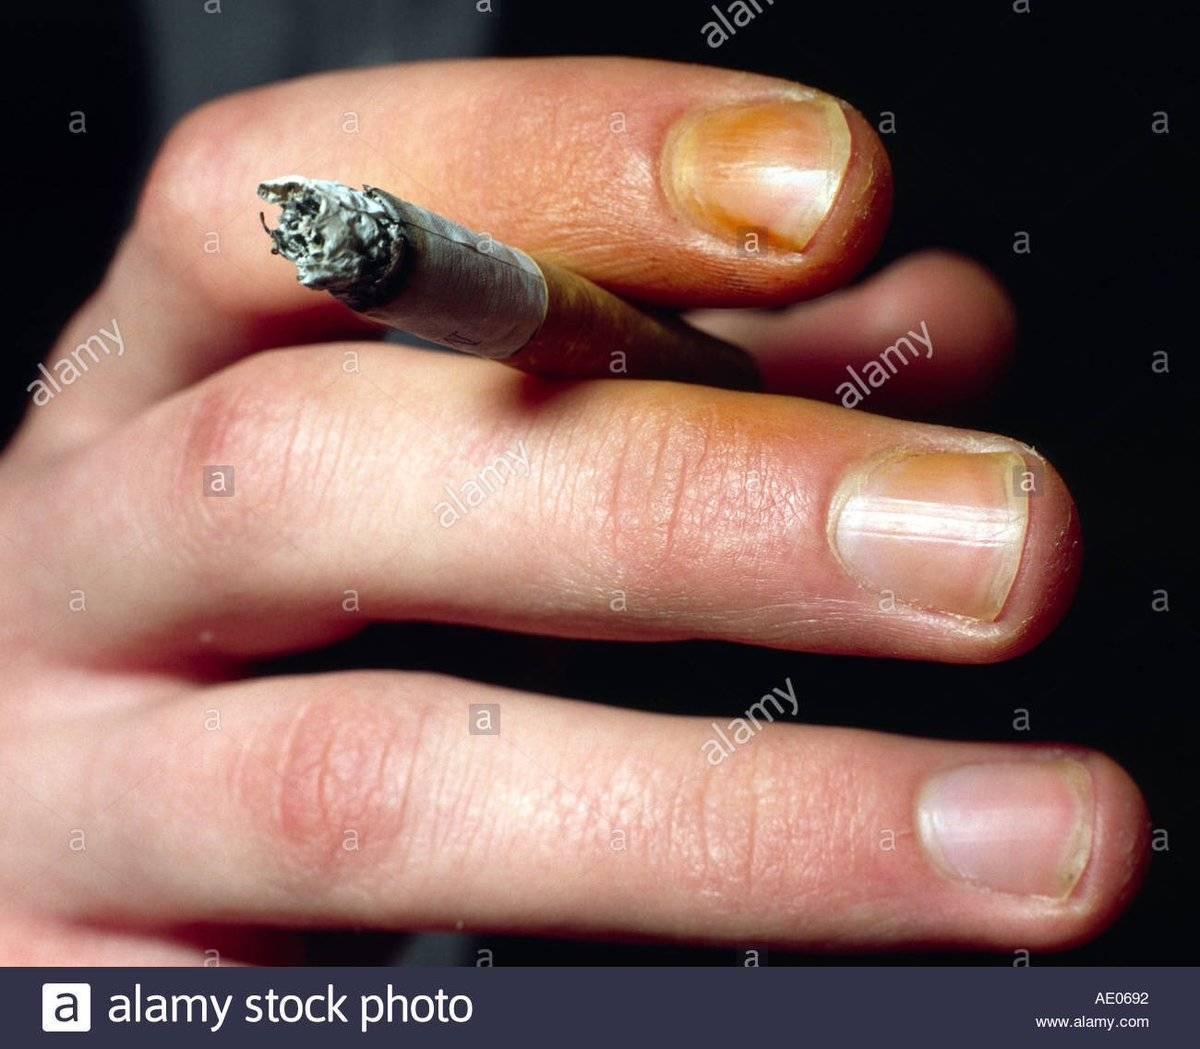 5 действенных способов, как убрать проблему желтых пальцев от сигарет из жизни курильщика